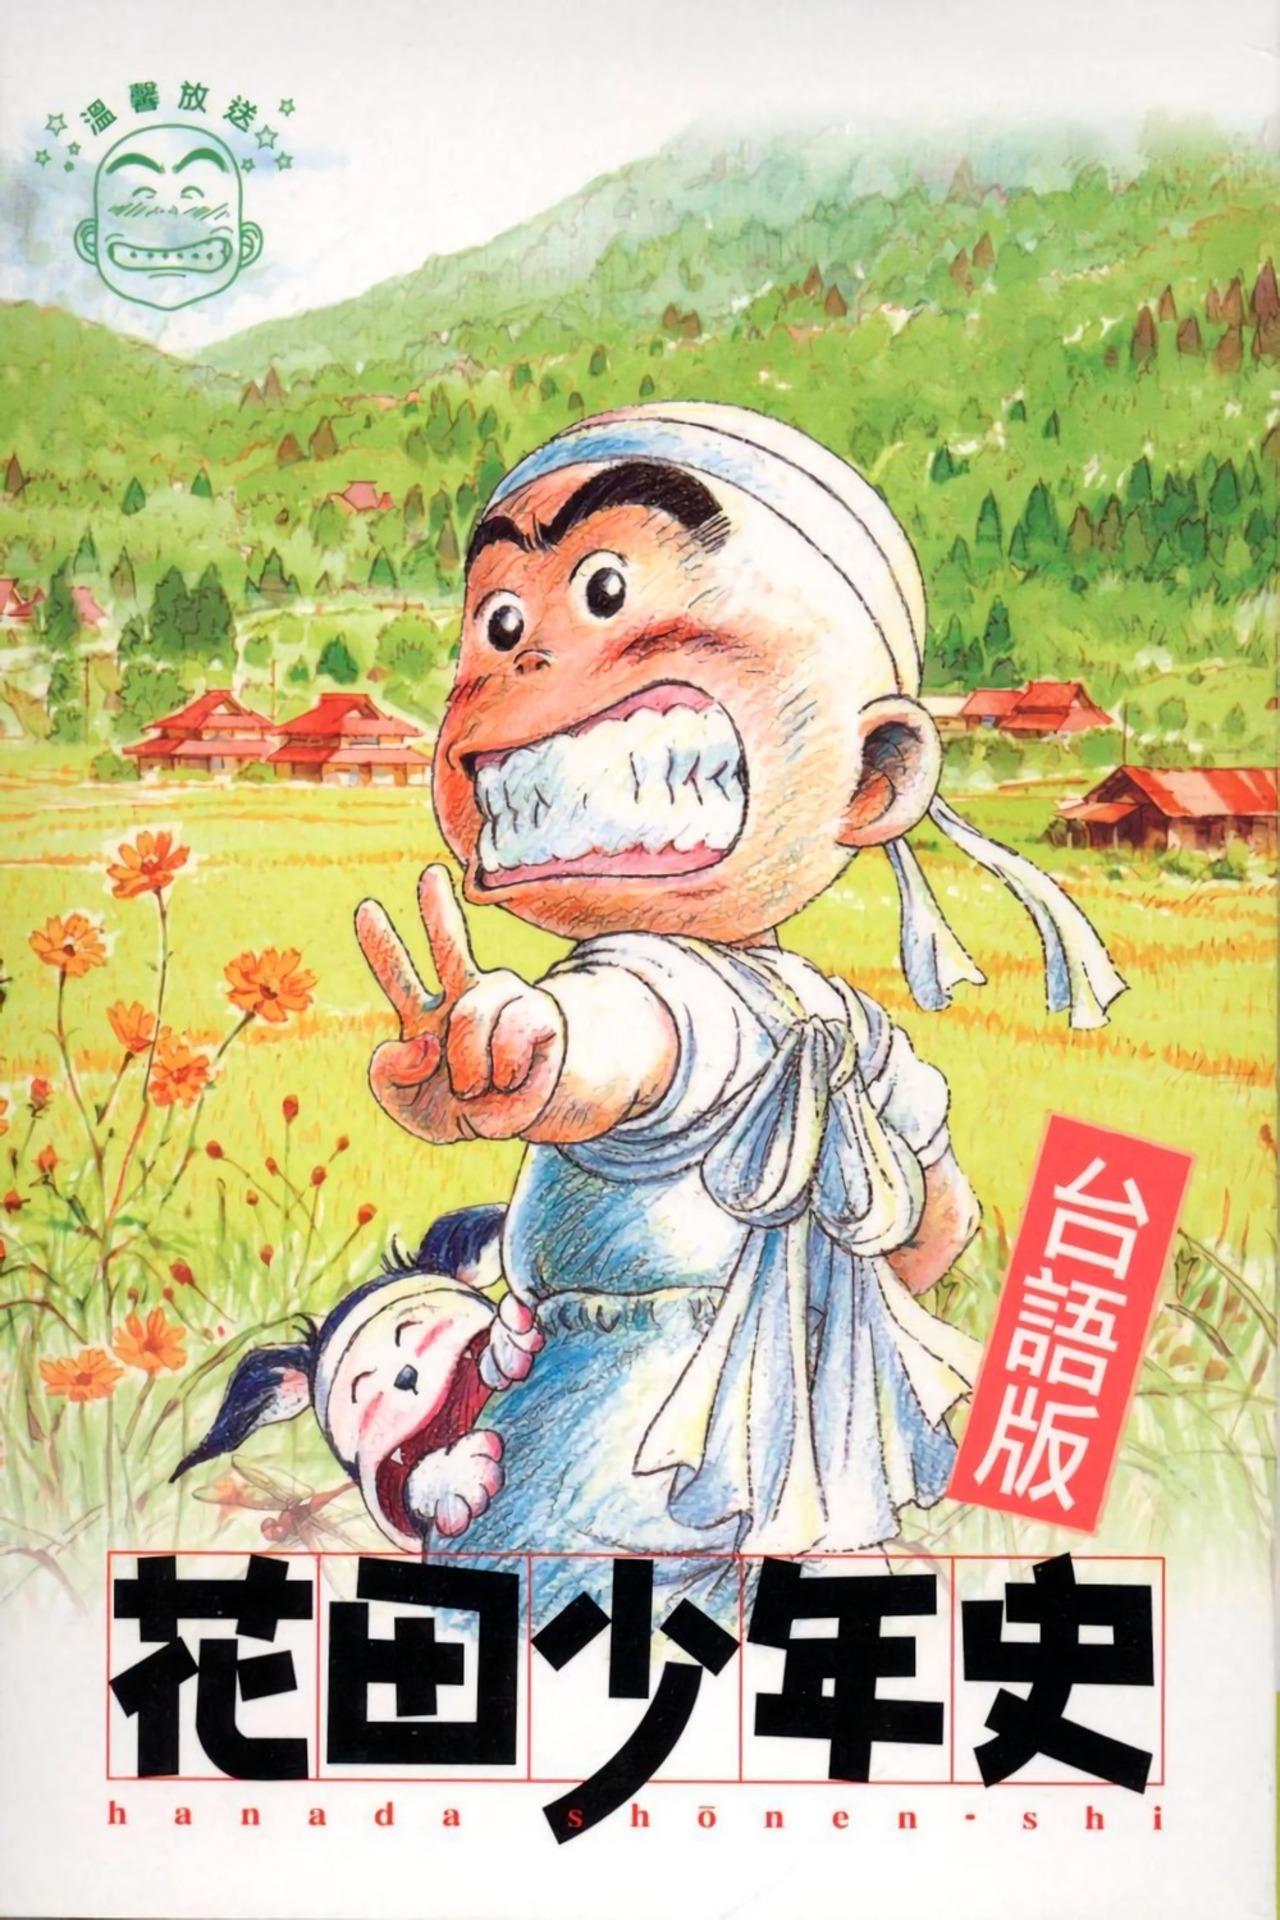 Hanada Shonen-shi kapak